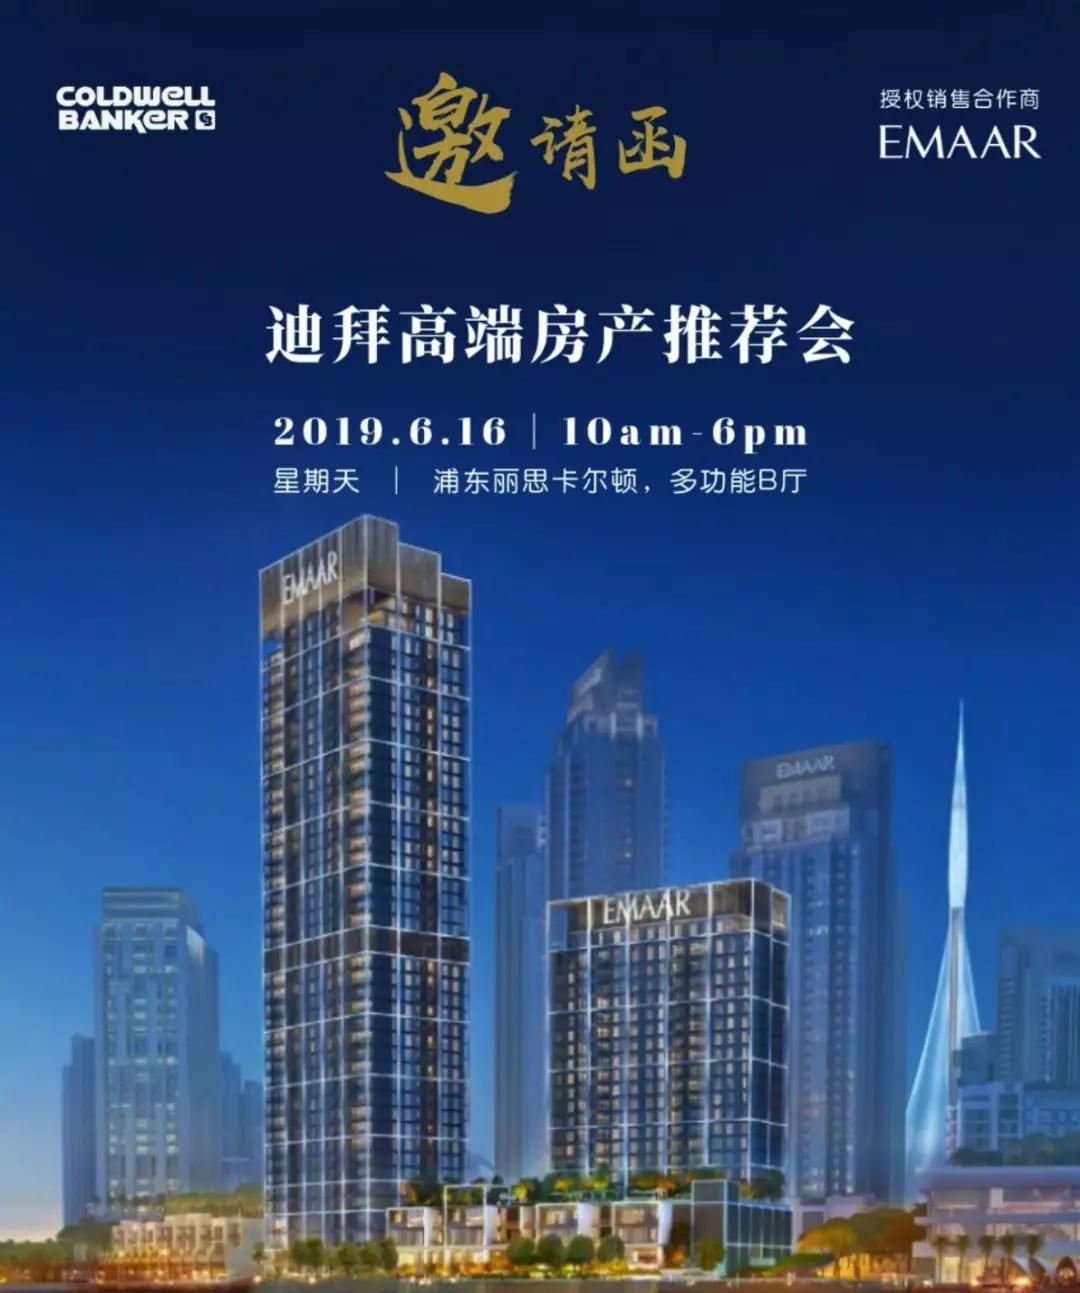 迪拜高端房产推介会2019年6月16日上海浦东丽思卡尔顿酒店